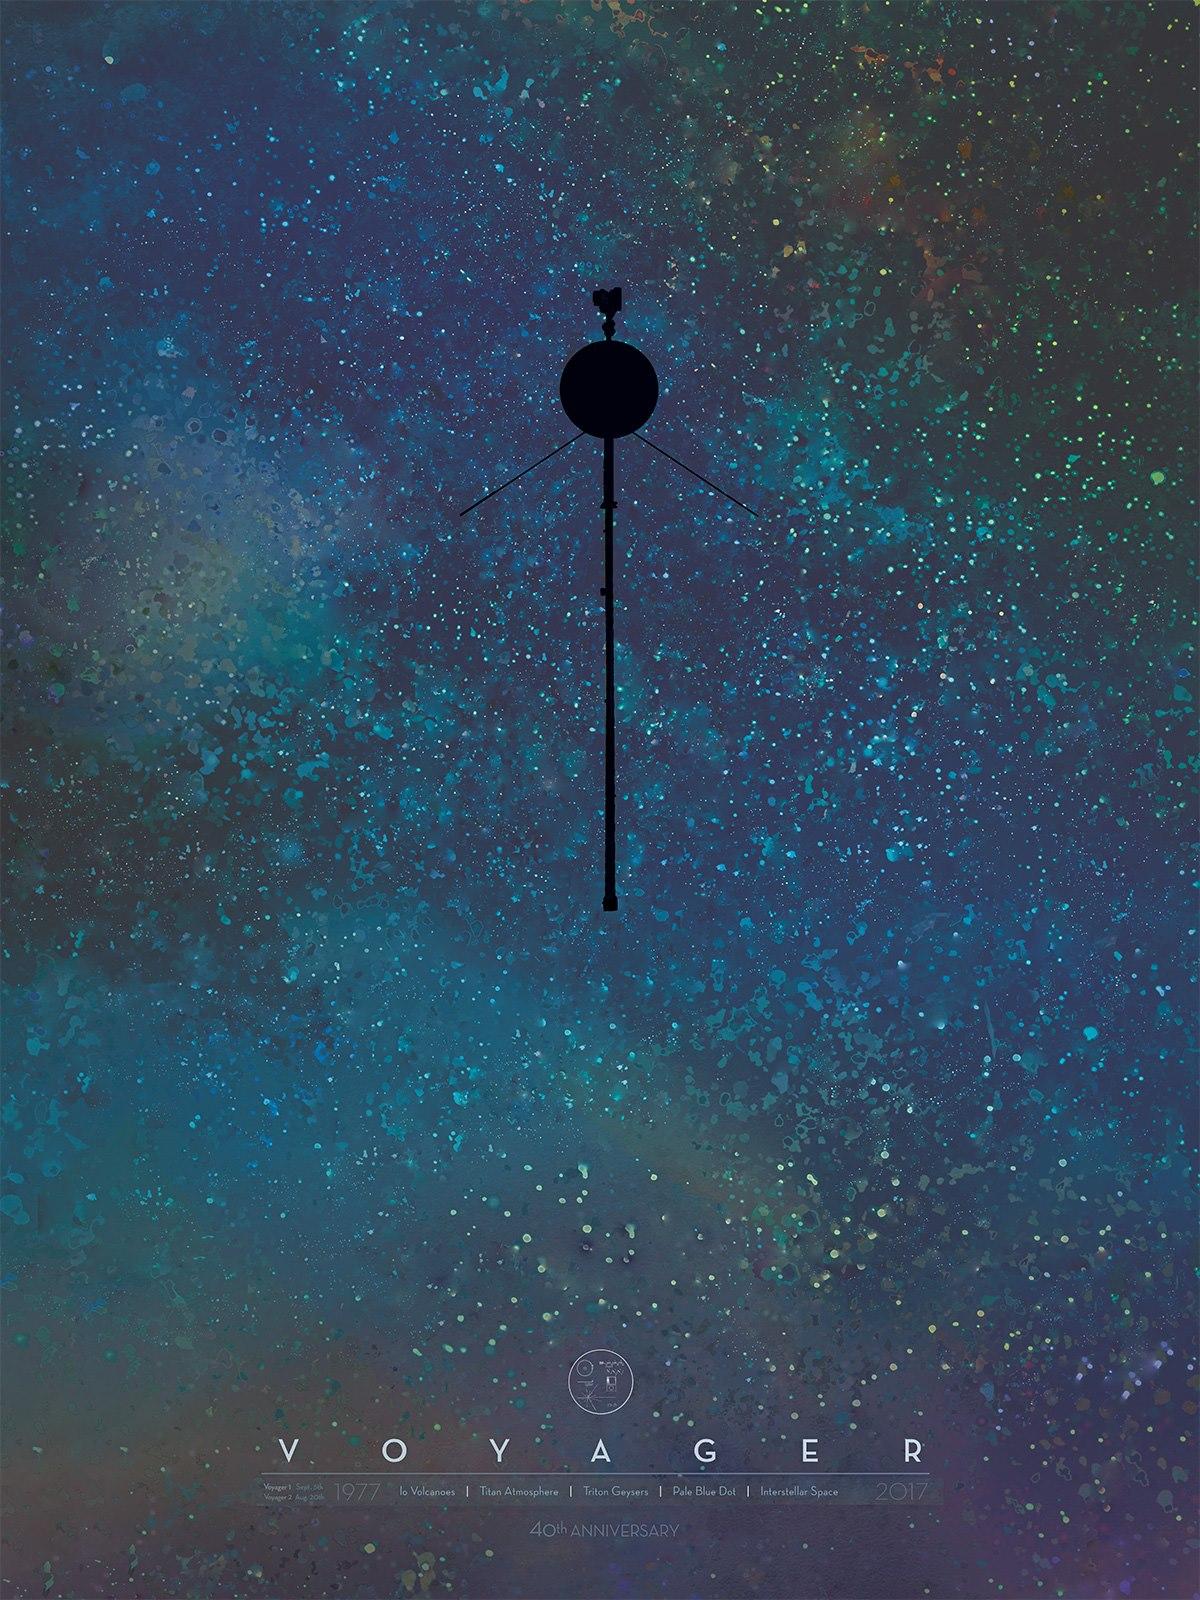 5 SEPTIEMBRE Voyager 1 & 2 cumplen 40 años en el espacio